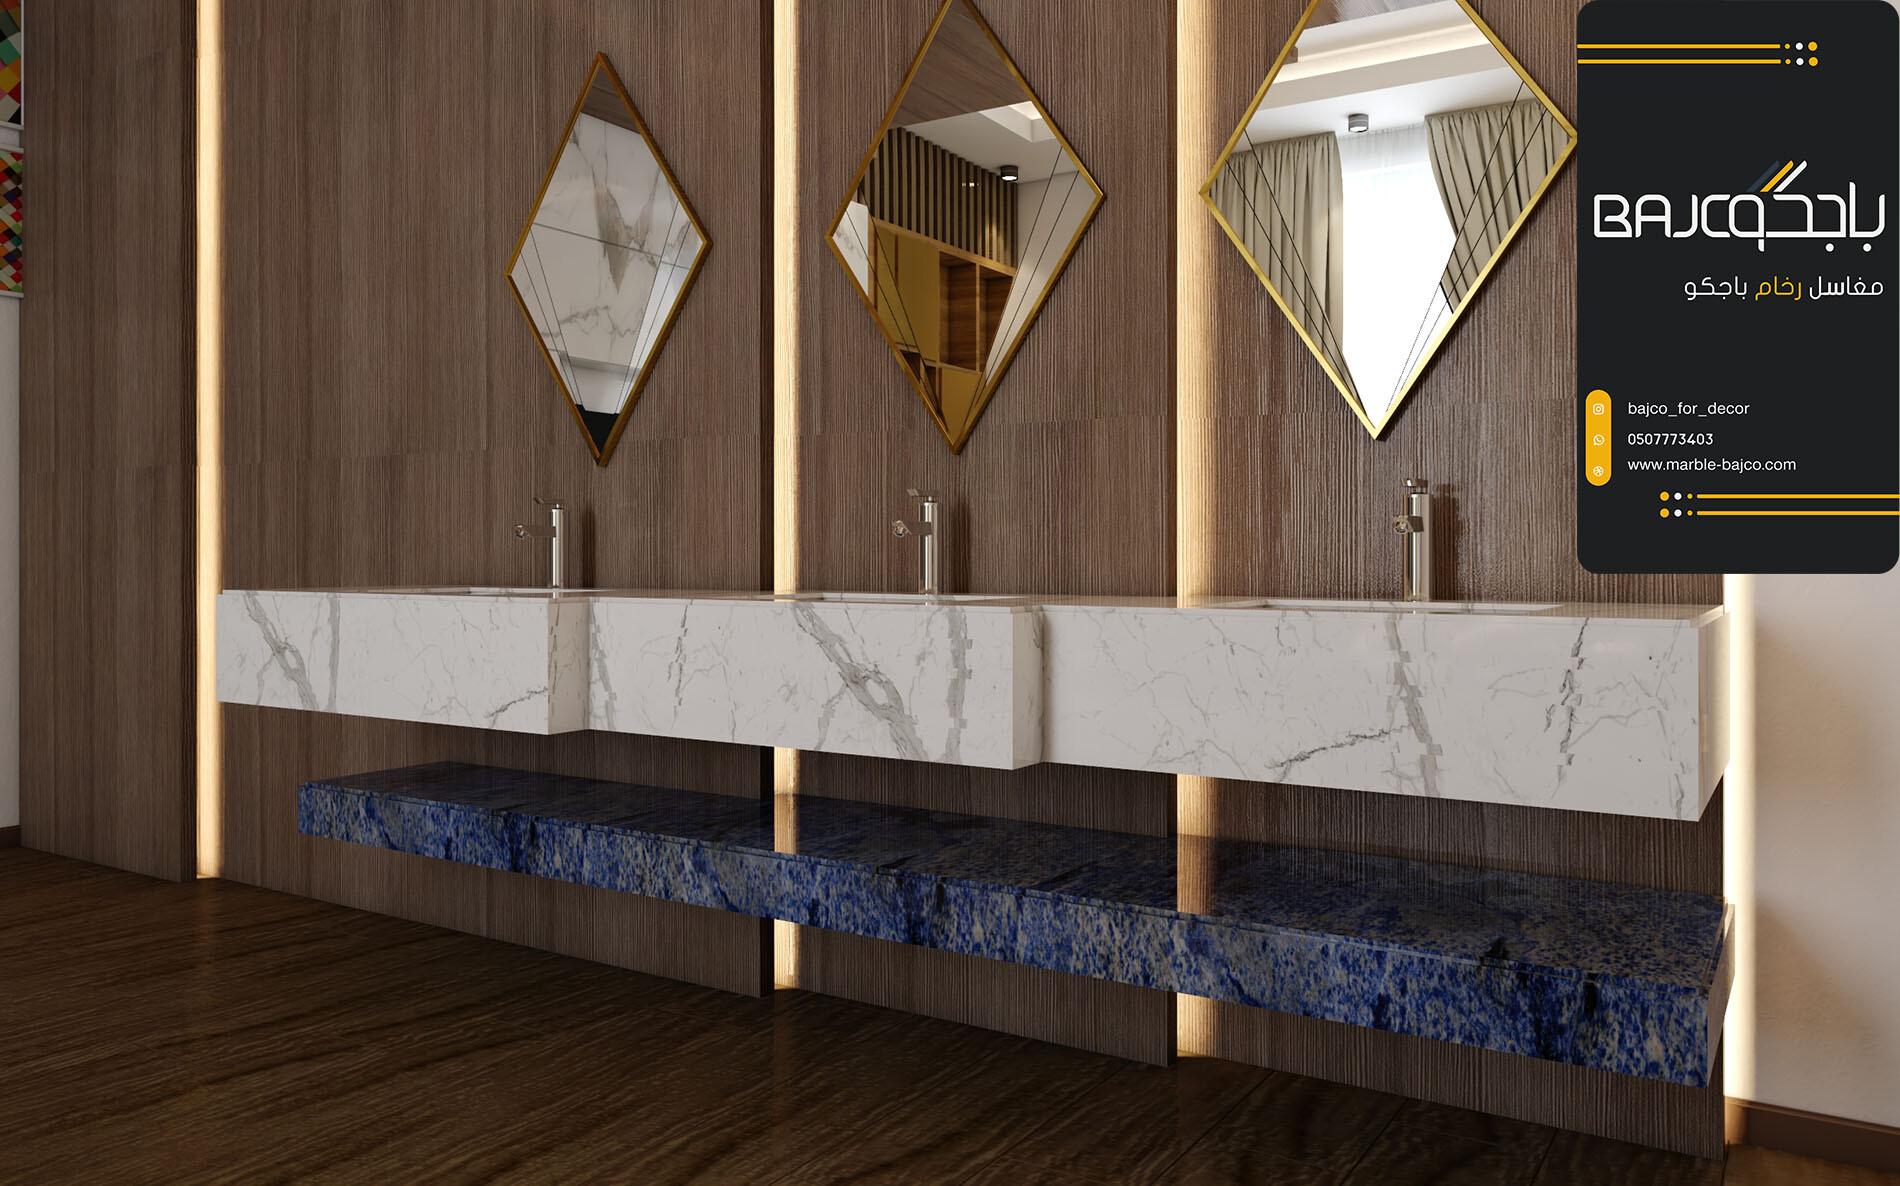 تصاميم مغسلة رخام ستتواريو ثلاث احواض (3)